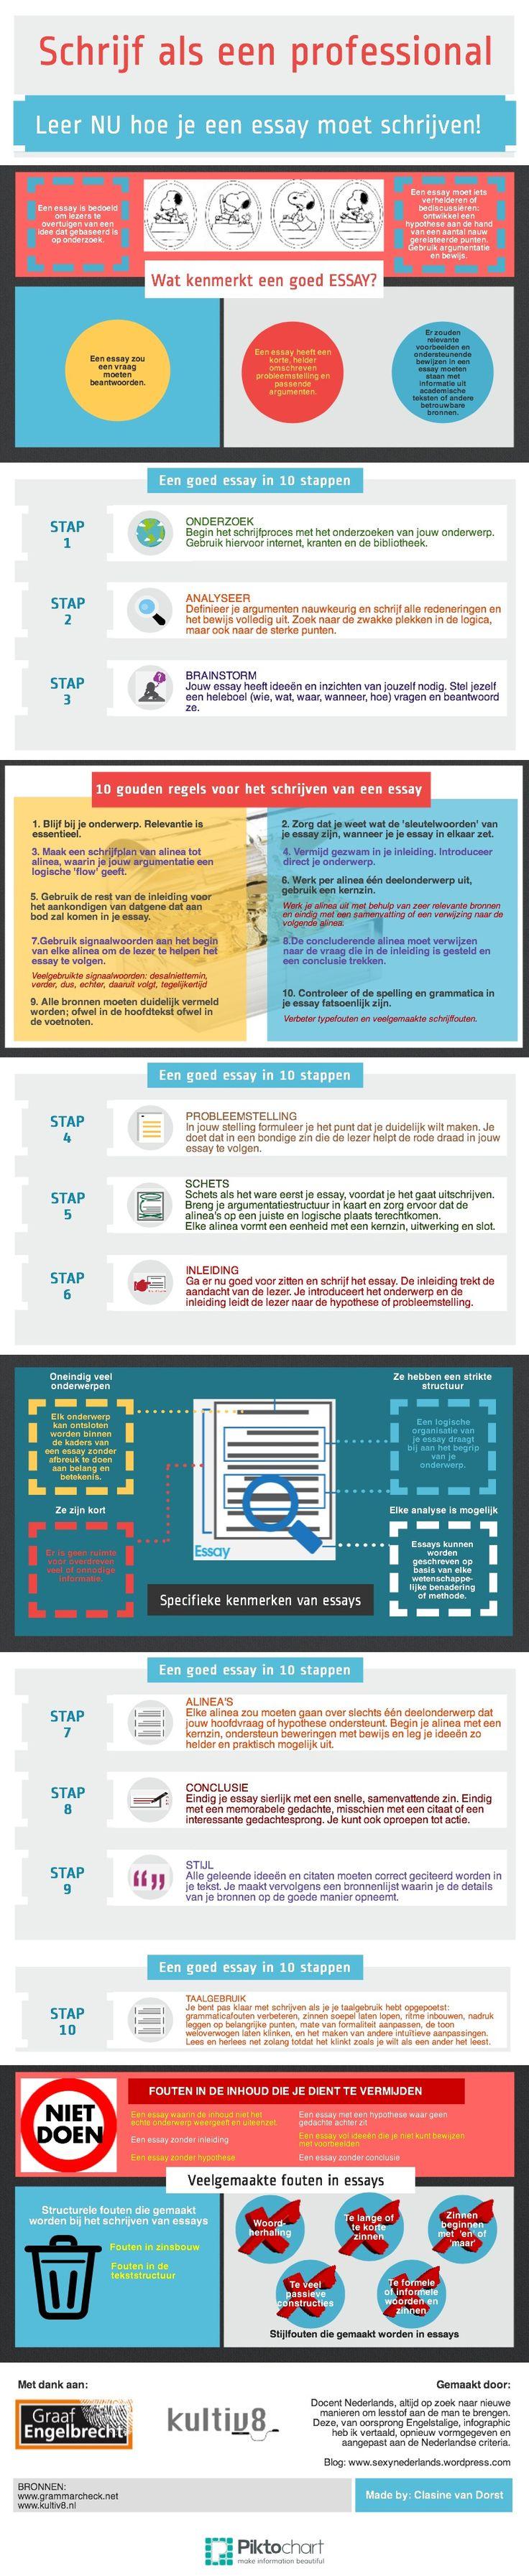 Hoe schrijf ik een essay? Een infographic gemaakt met piktochart. De Engelstalige versie vind je verderop op dit bord. Ik heb die infographic vertaald, vormgegeven en bewerkt. Hij is geschikt om te gebruiken in de bovenbouw van het vwo en in het hbo. Veel succes ermee!